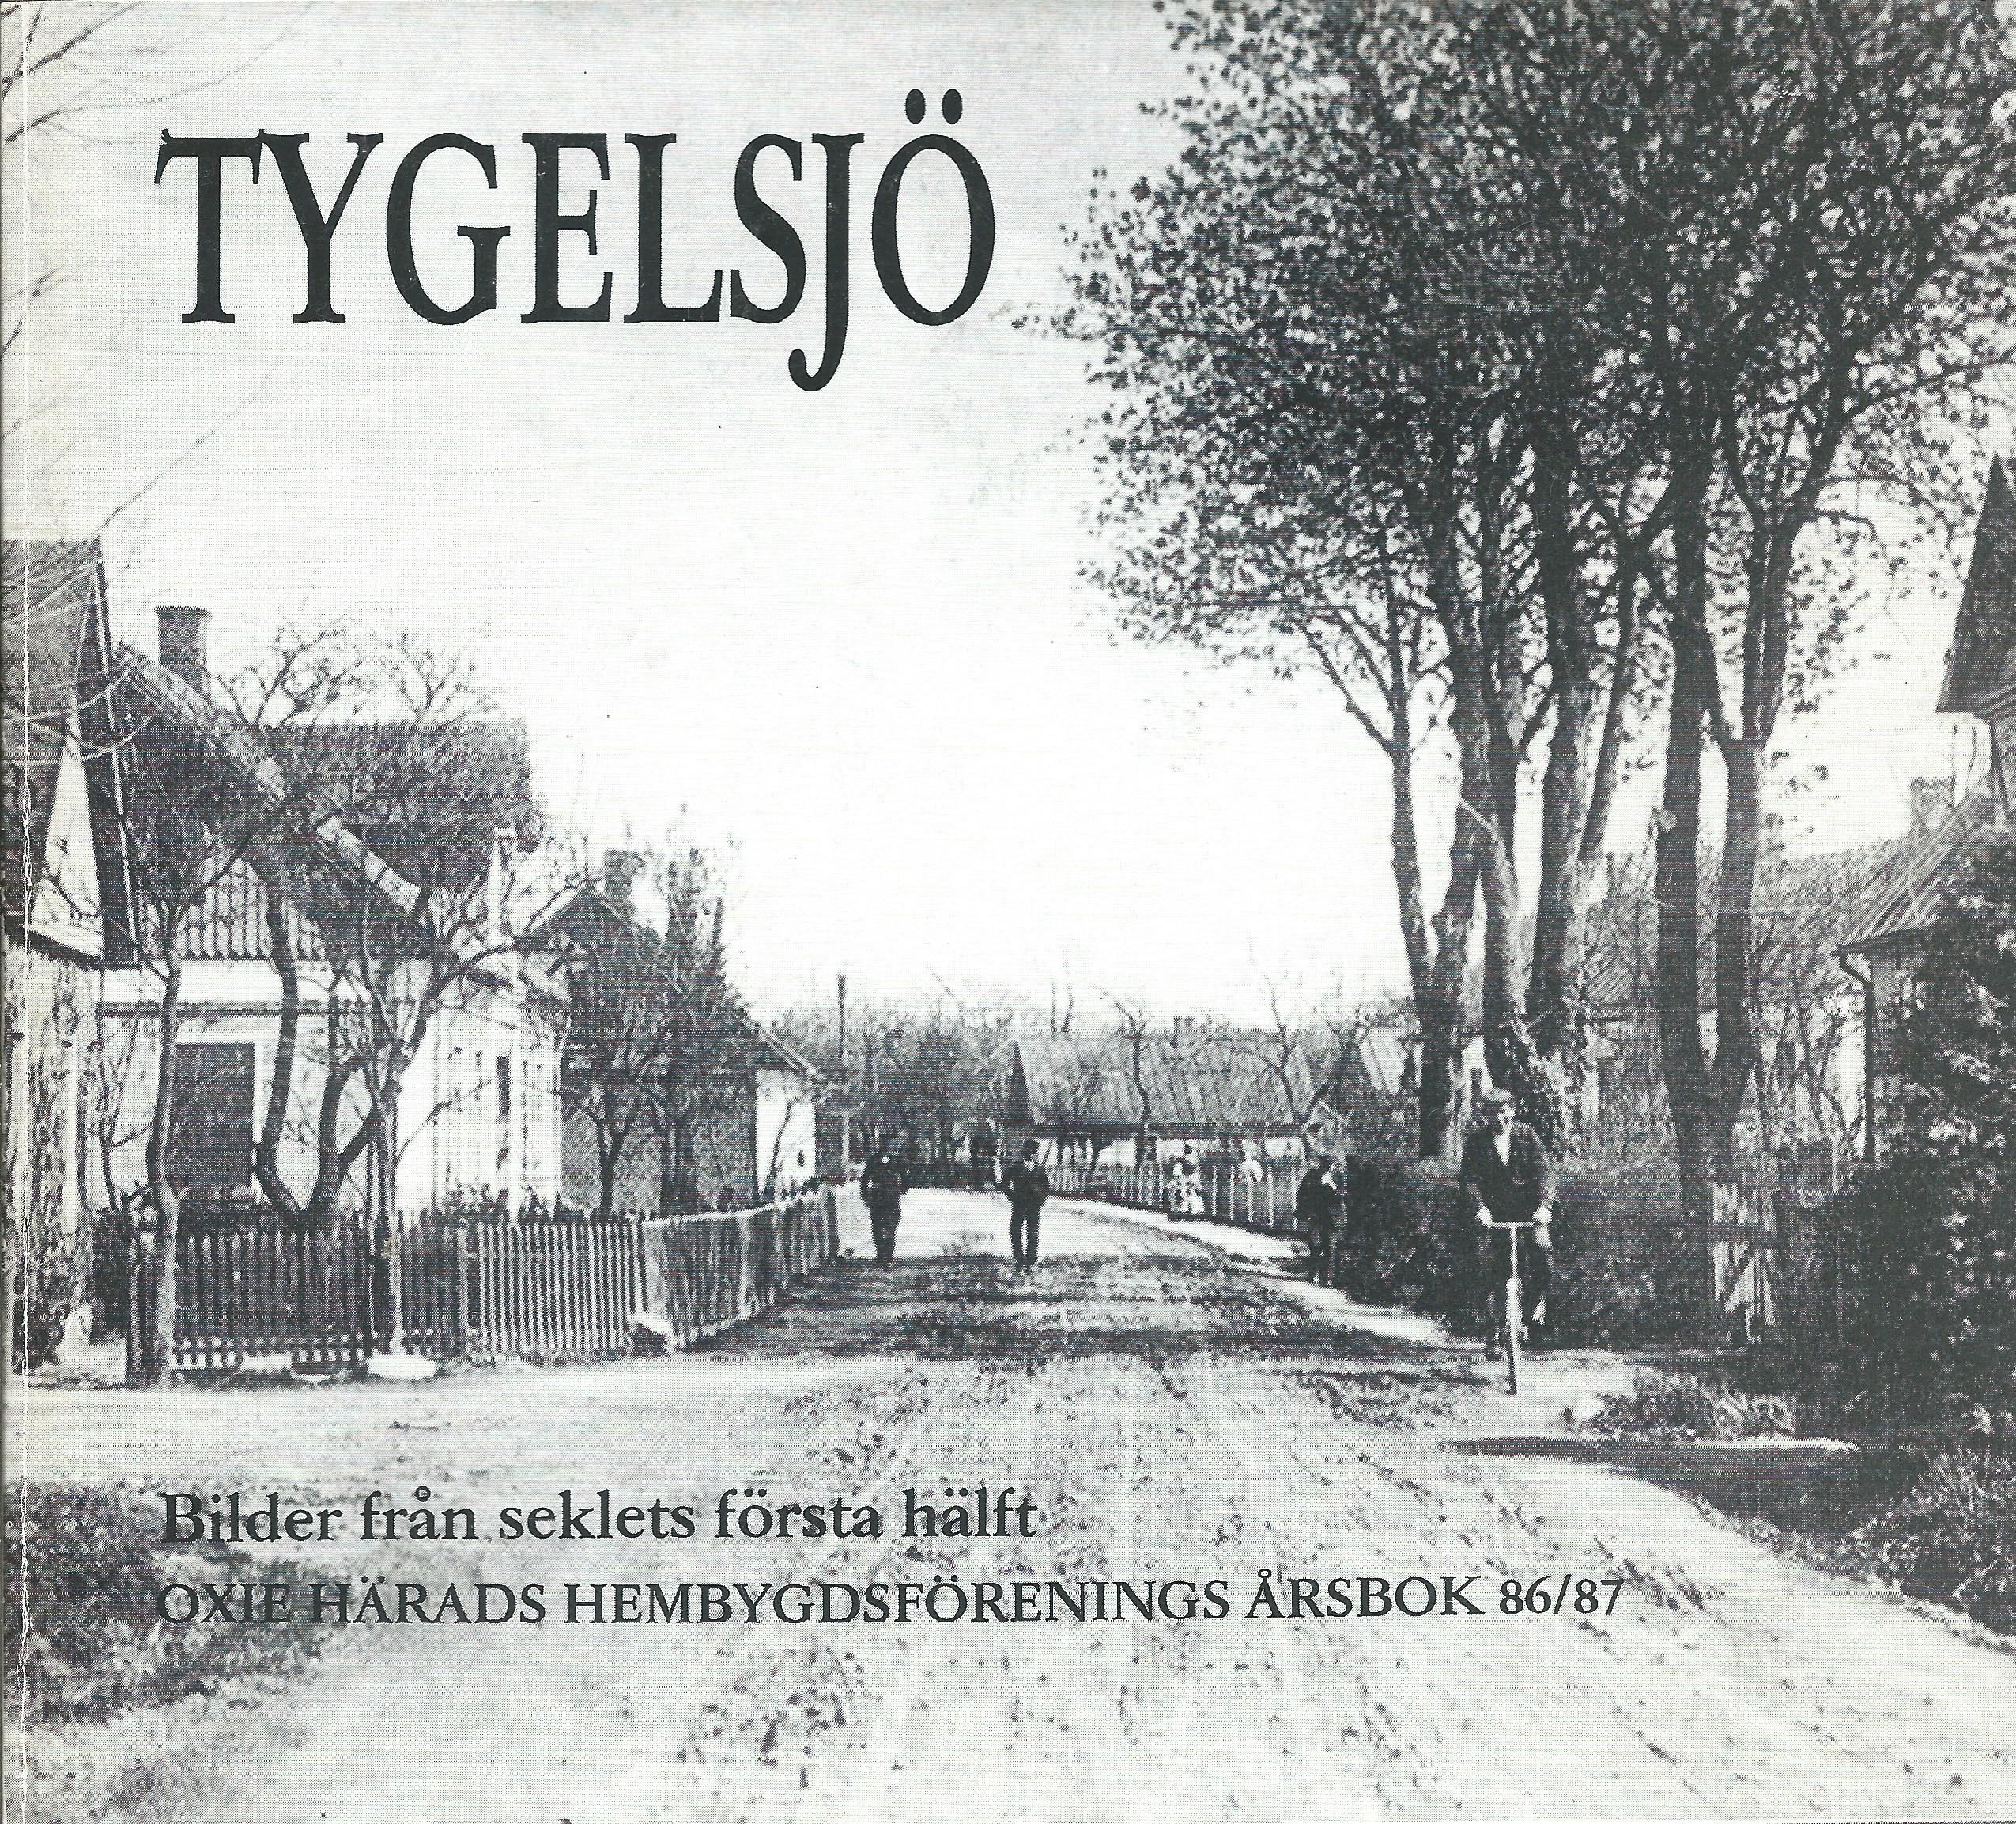 Nya orgeln provspelades i Tygelsj kyrka | Sknska Dagbladet